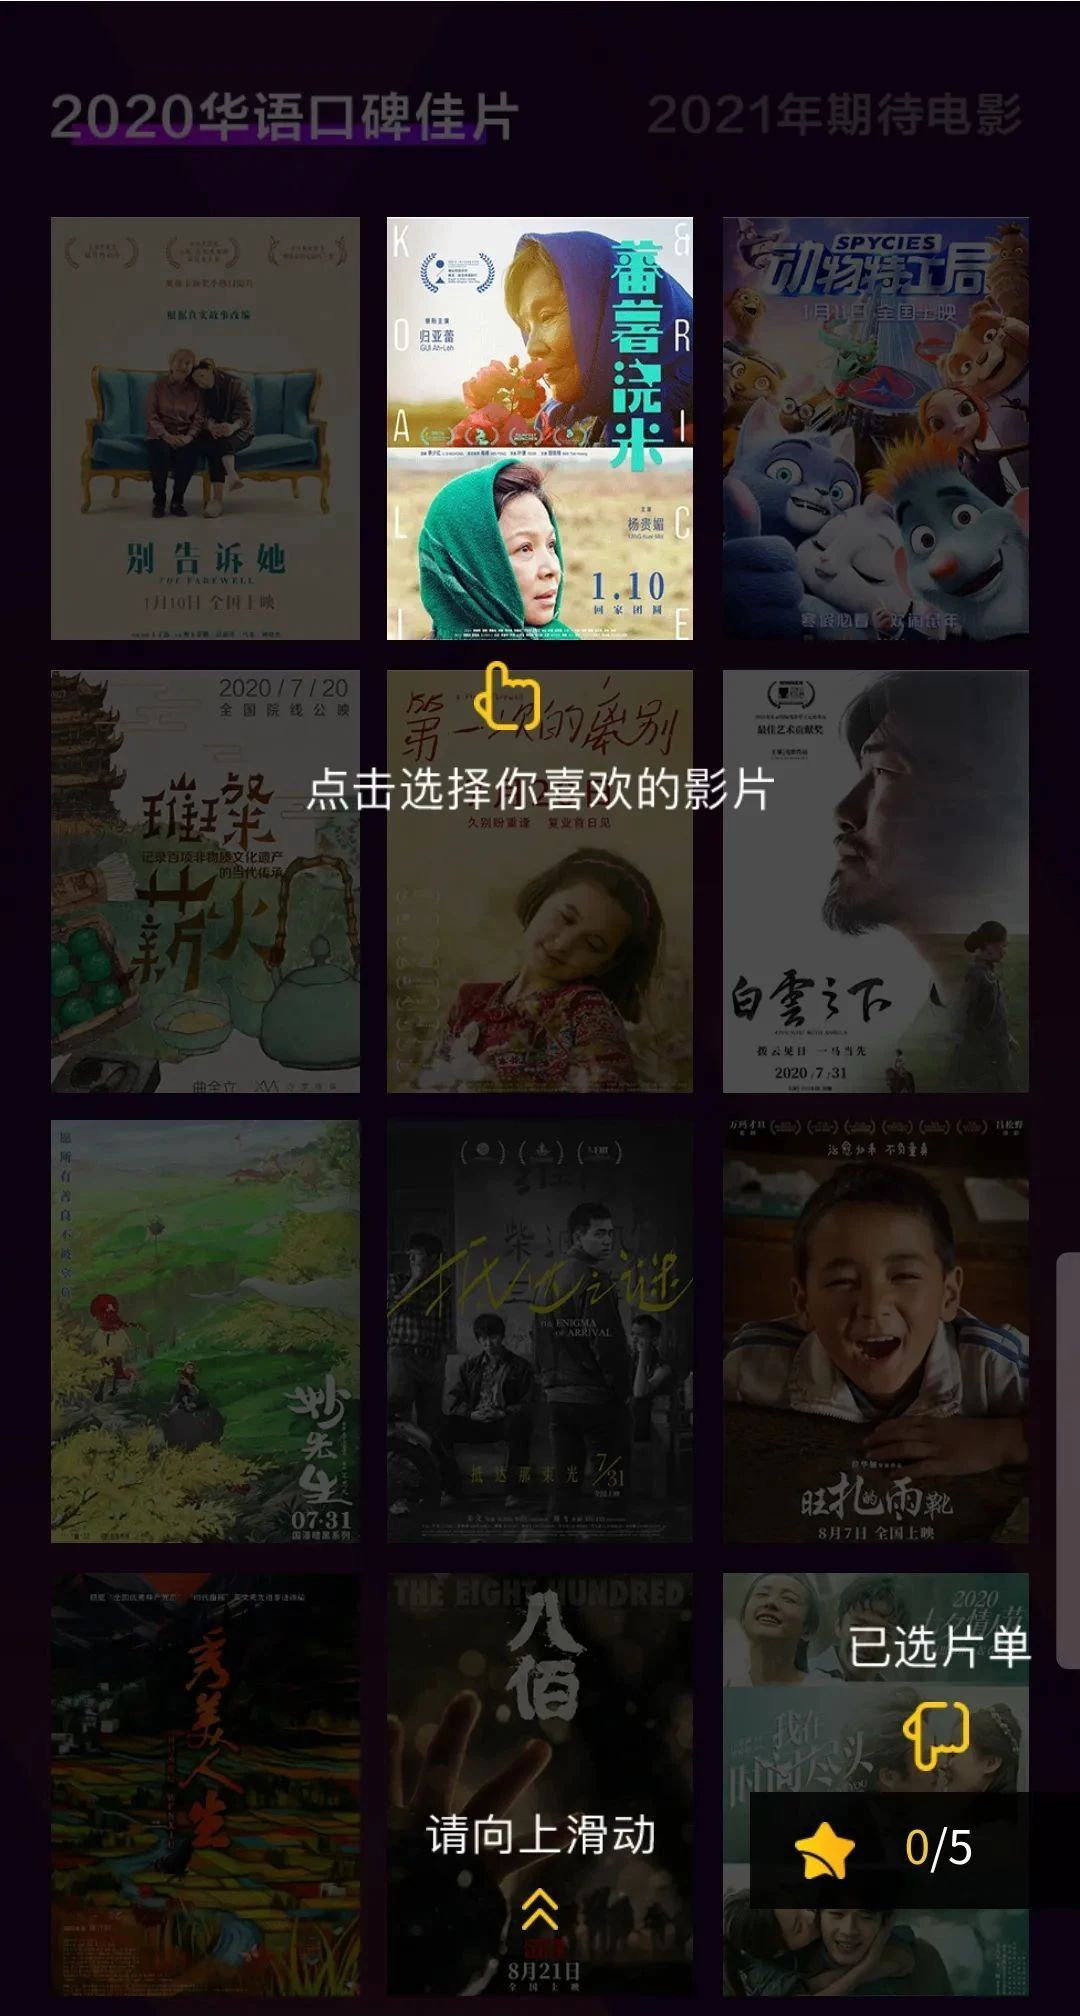 2020华语佳片调查开启 电影频道邀您晒出年度片单